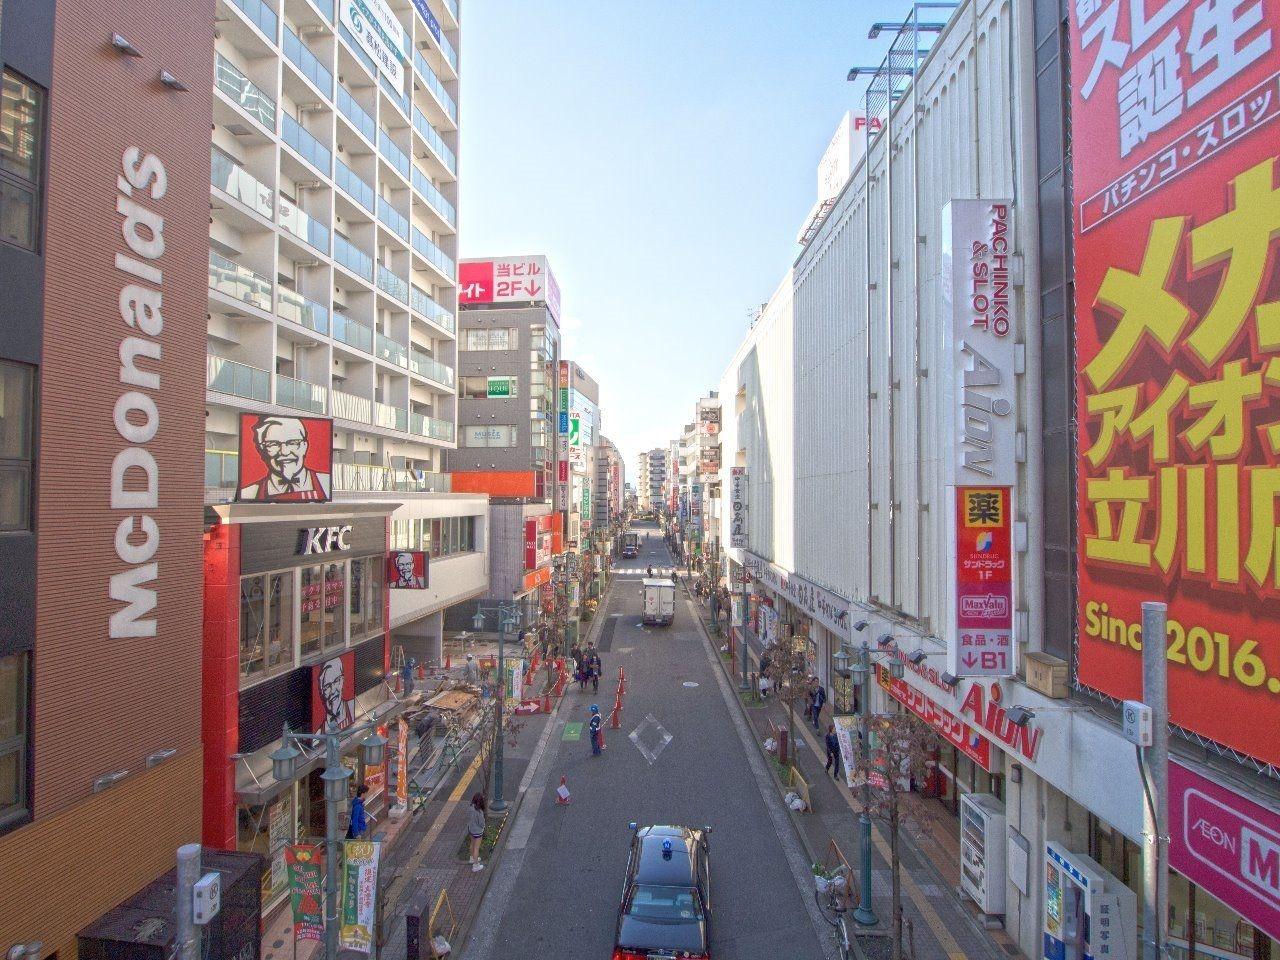 活気のある諏訪通りを抜けた先には柴崎町の住宅街